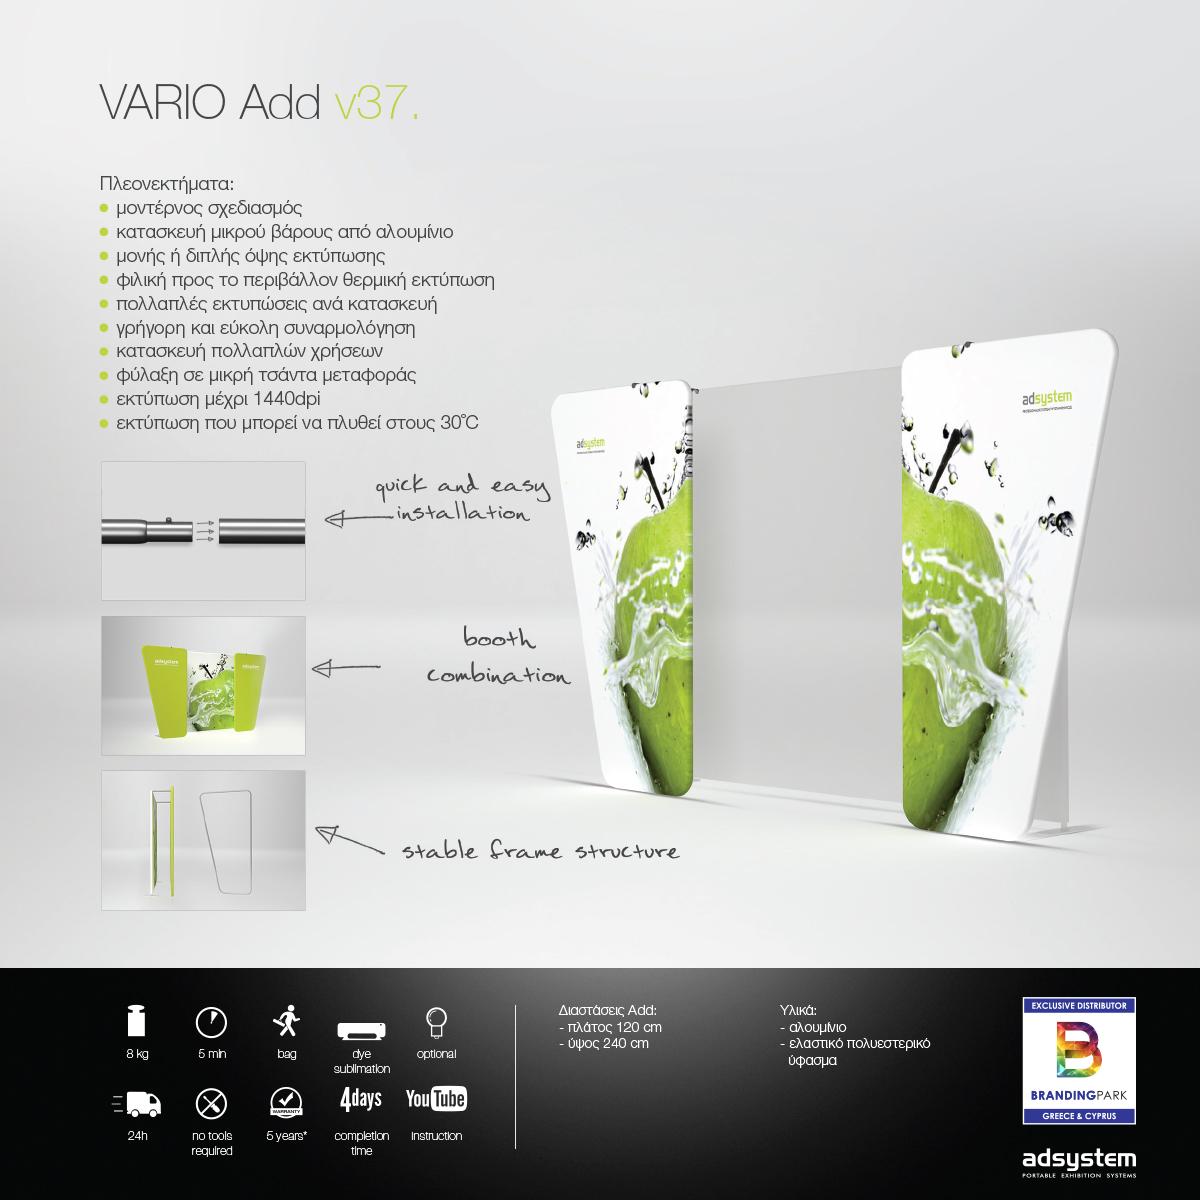 Υφασμάτινος τοίχος προβολής VARIO Add v37.